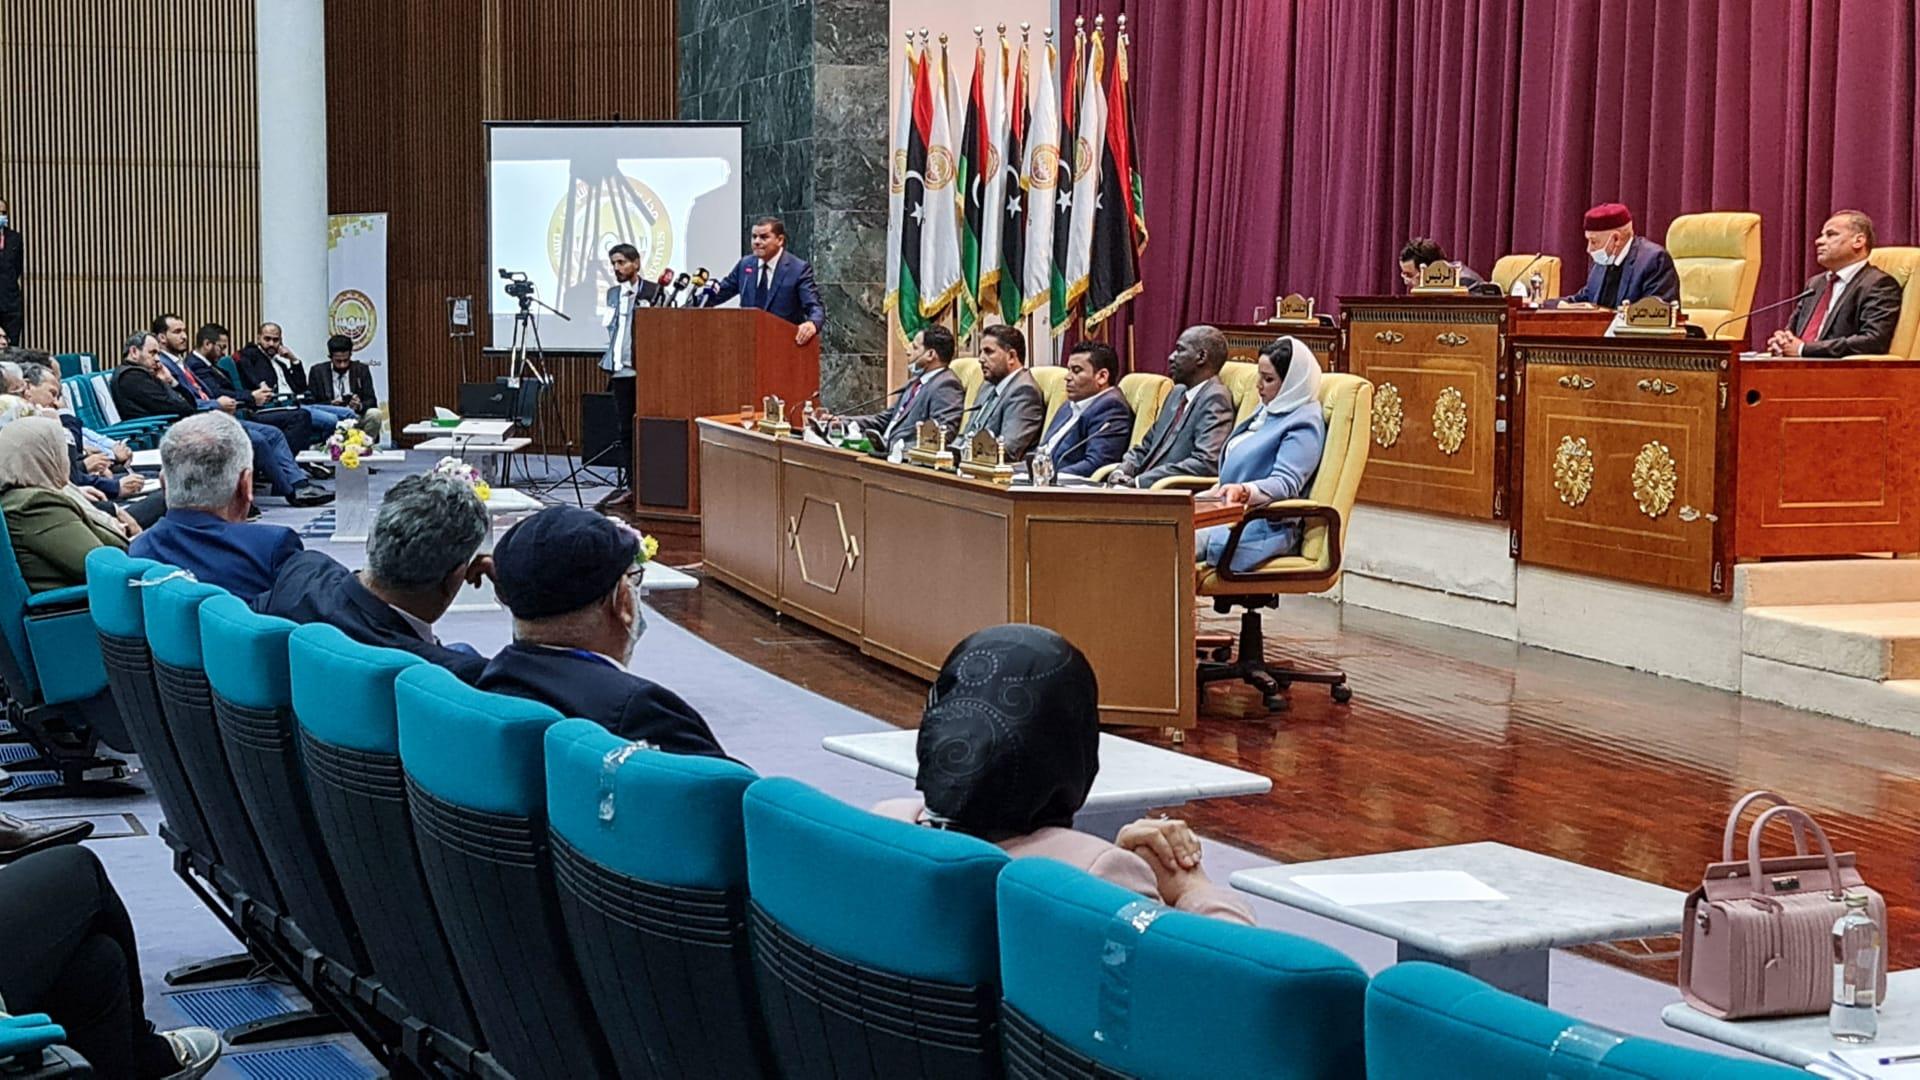 ليبيا: البرلمان يسحب الثقة من الحكومة.. والدبيبة يدعو الليبيين للخروج إلى الشوارع للتعبير عن آرائهم